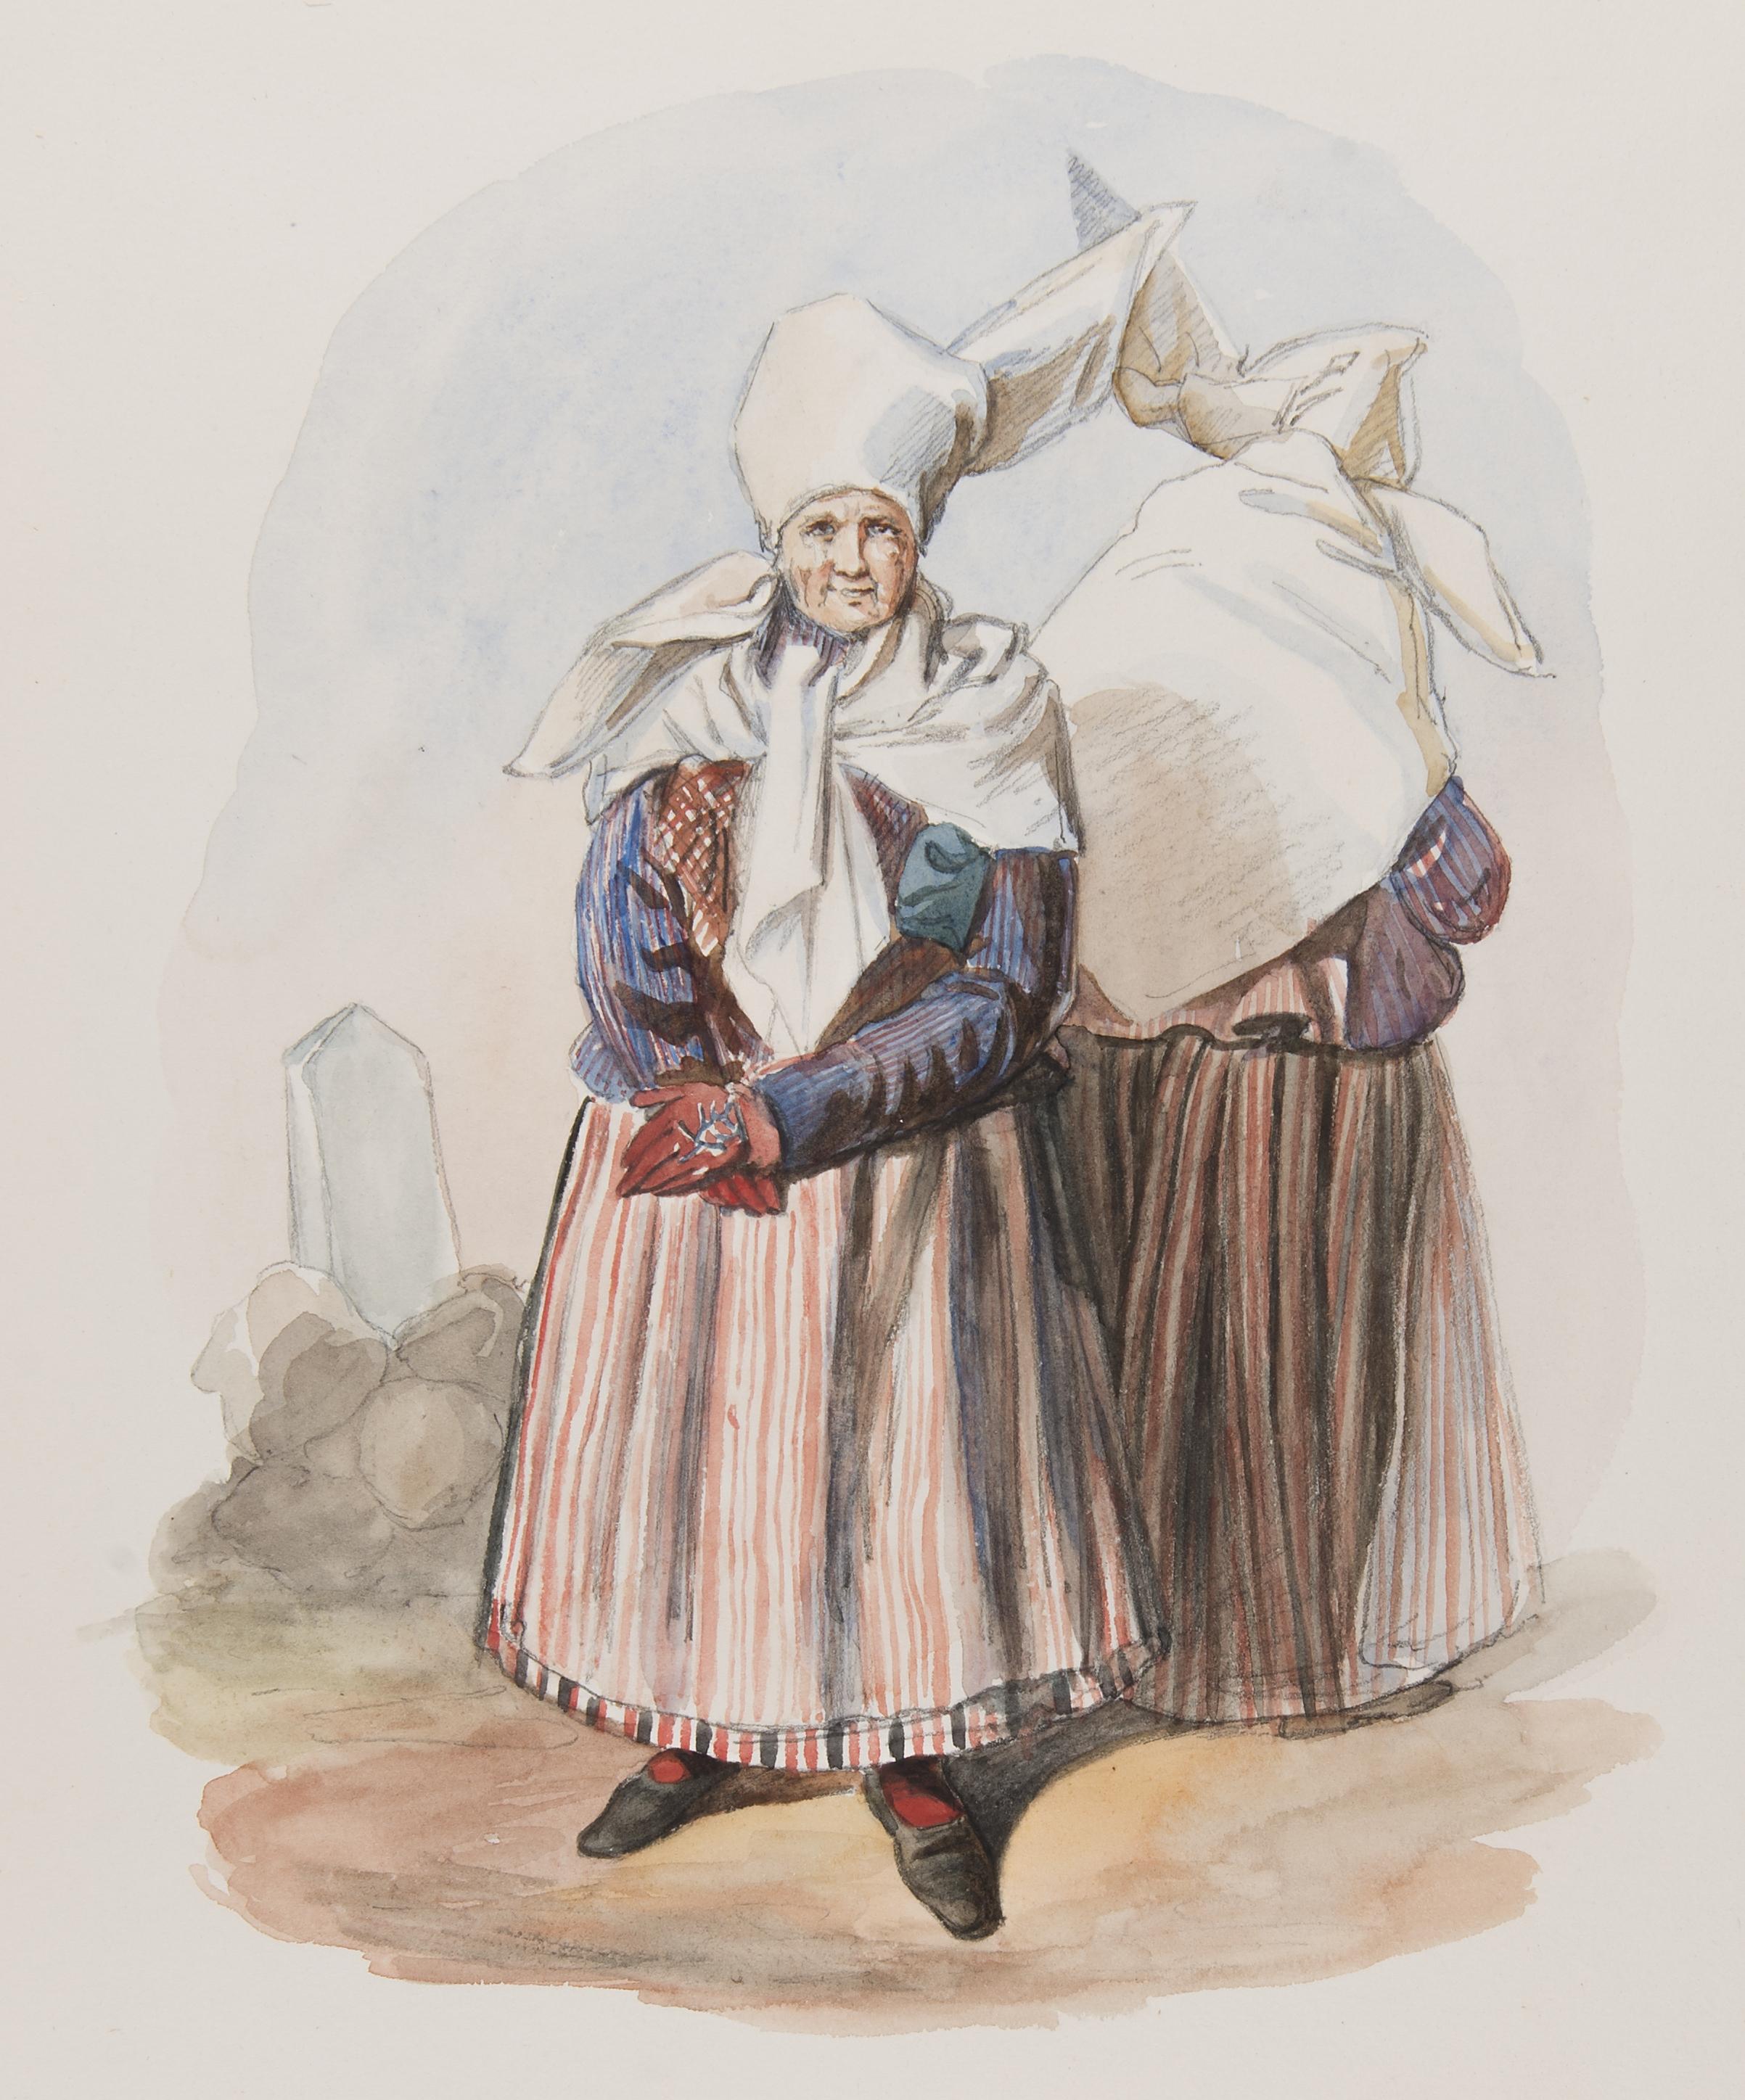 Fil:Drkt. Kvinna fram och bak. stergtland, Finspng